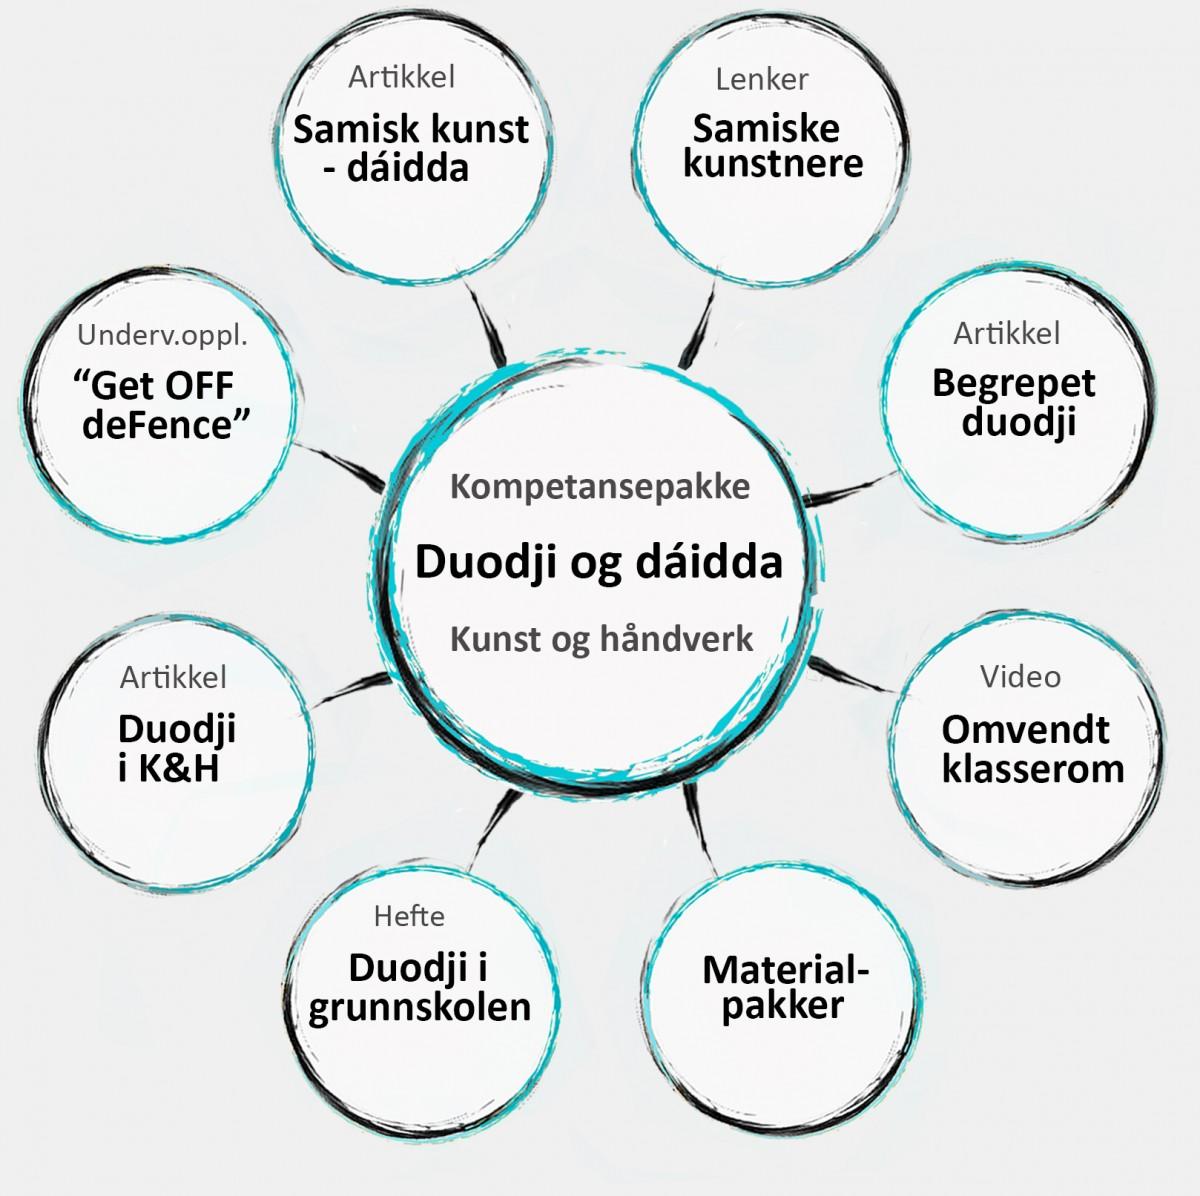 Modell som viser kompetansepakkens åtte ulike elementer.